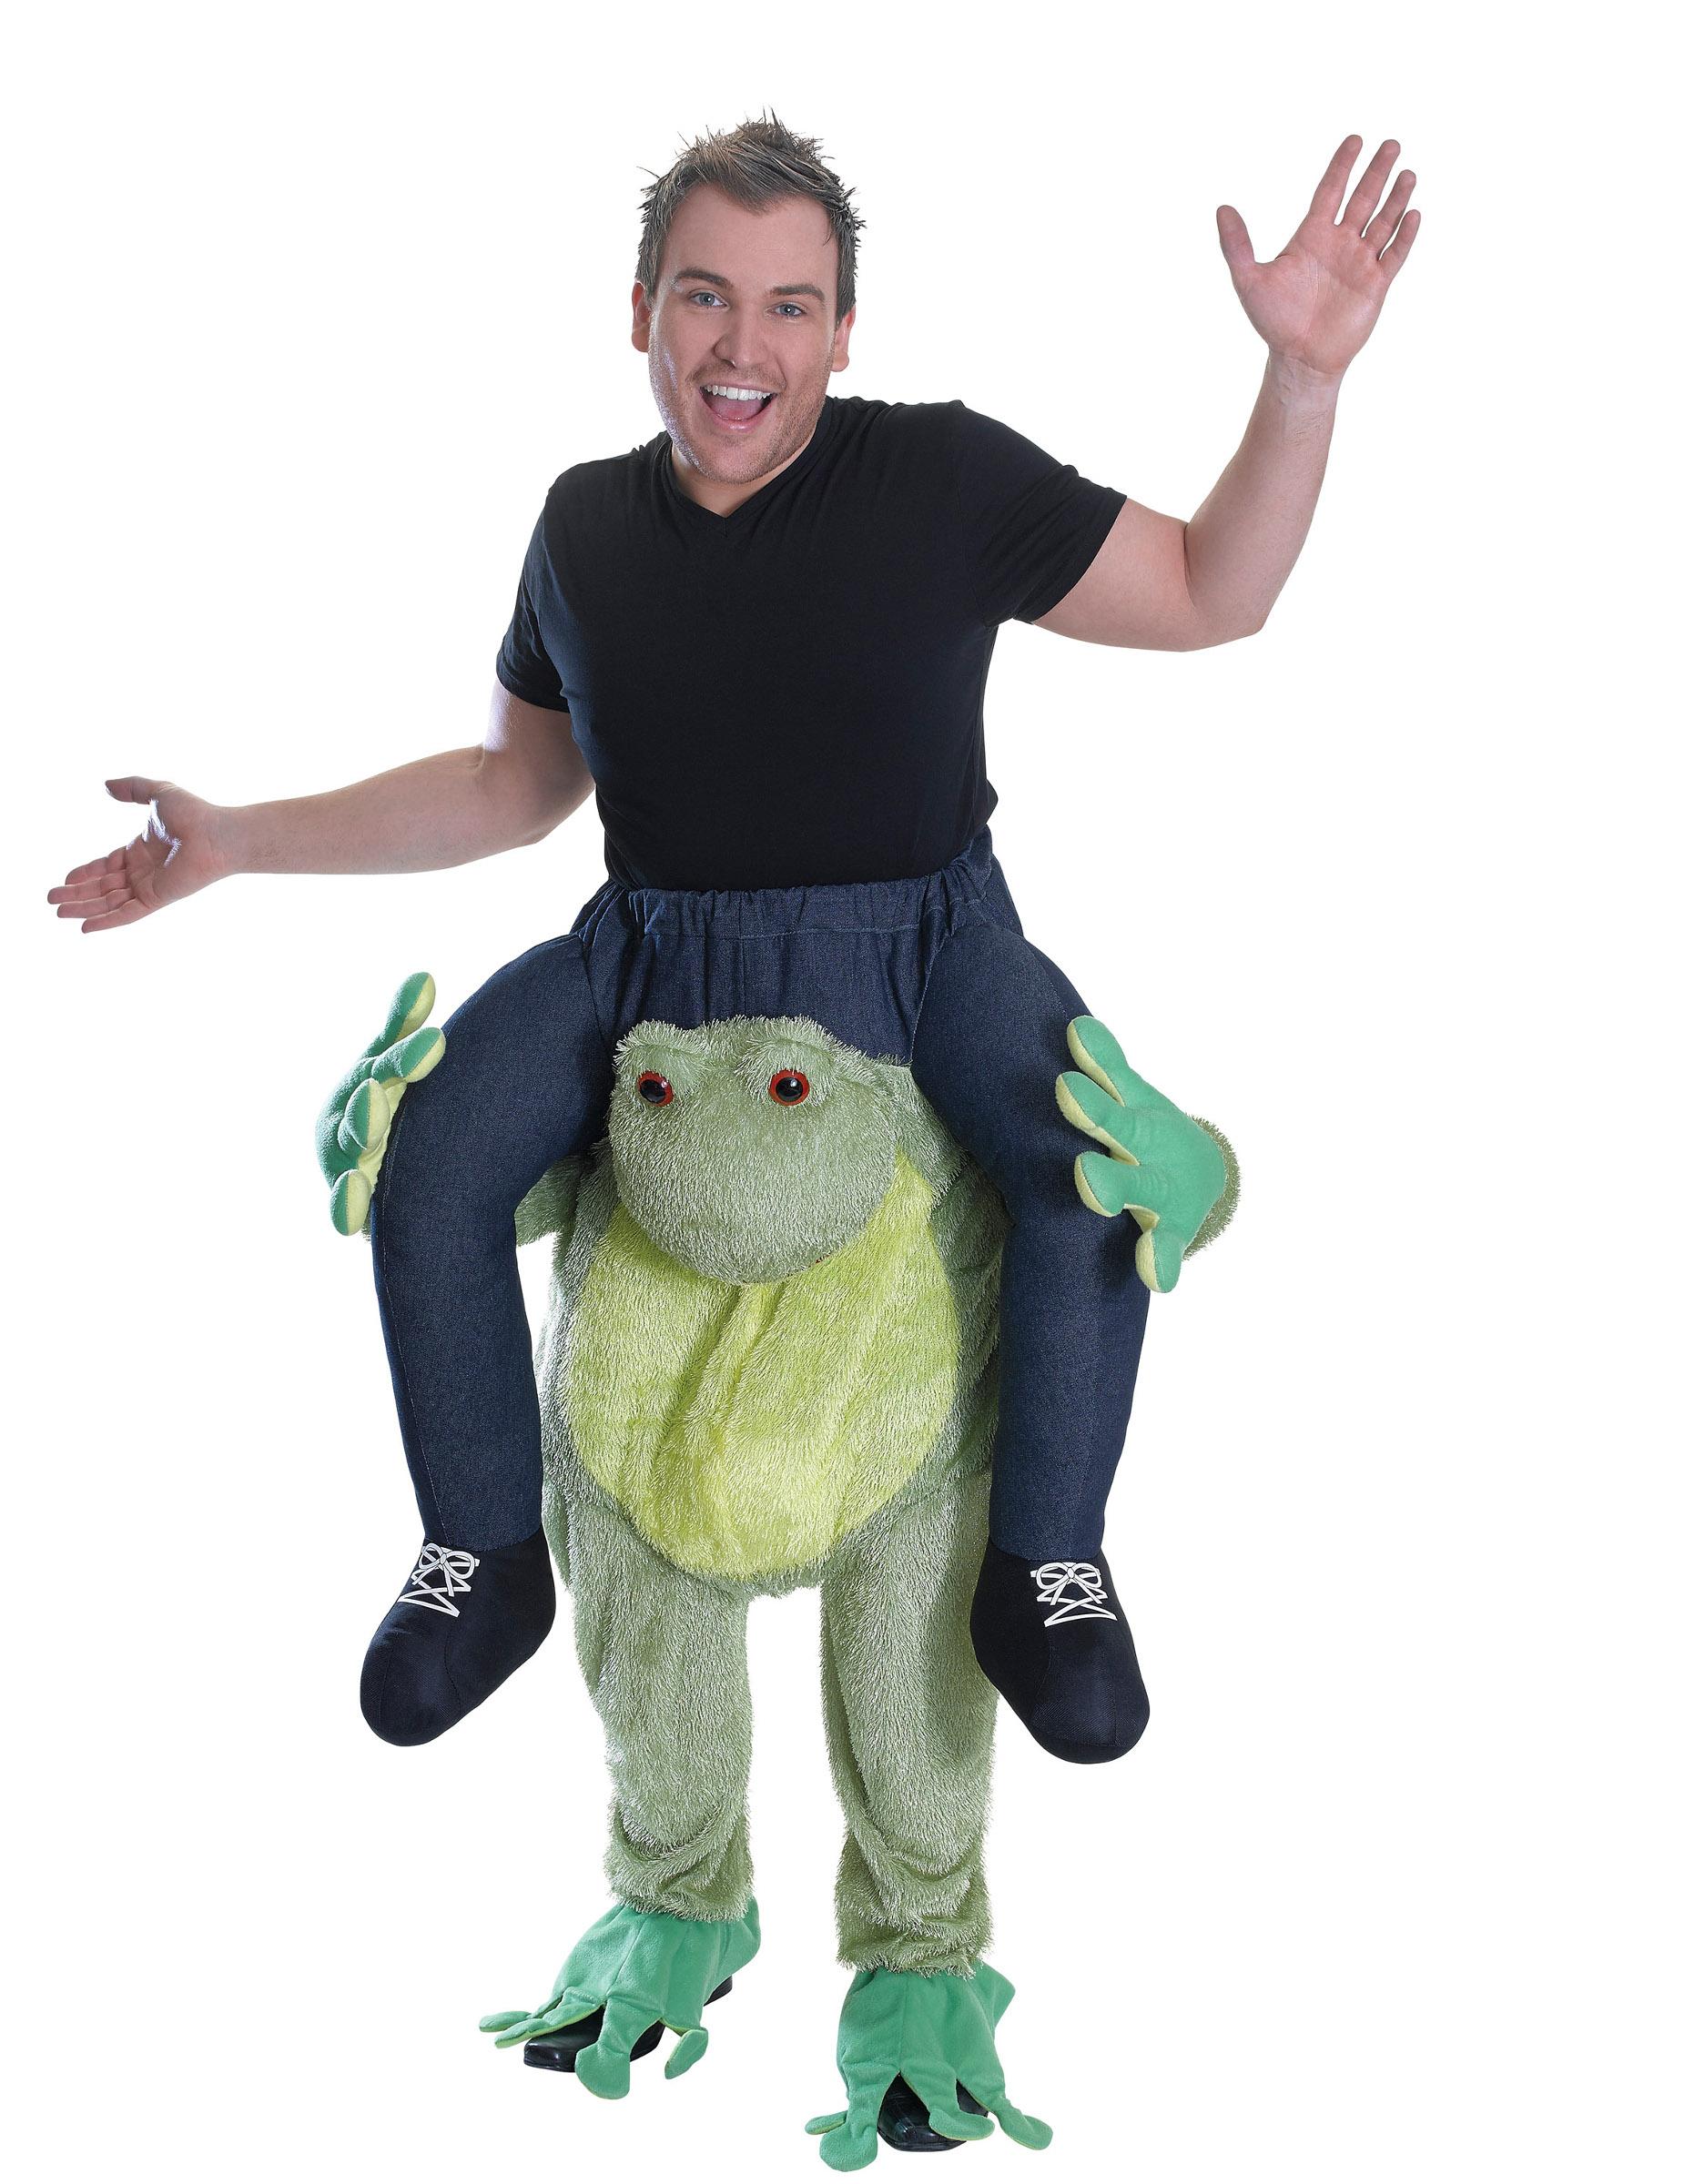 d guisement homme dos de grenouille adulte deguise toi achat de d guisements adultes. Black Bedroom Furniture Sets. Home Design Ideas